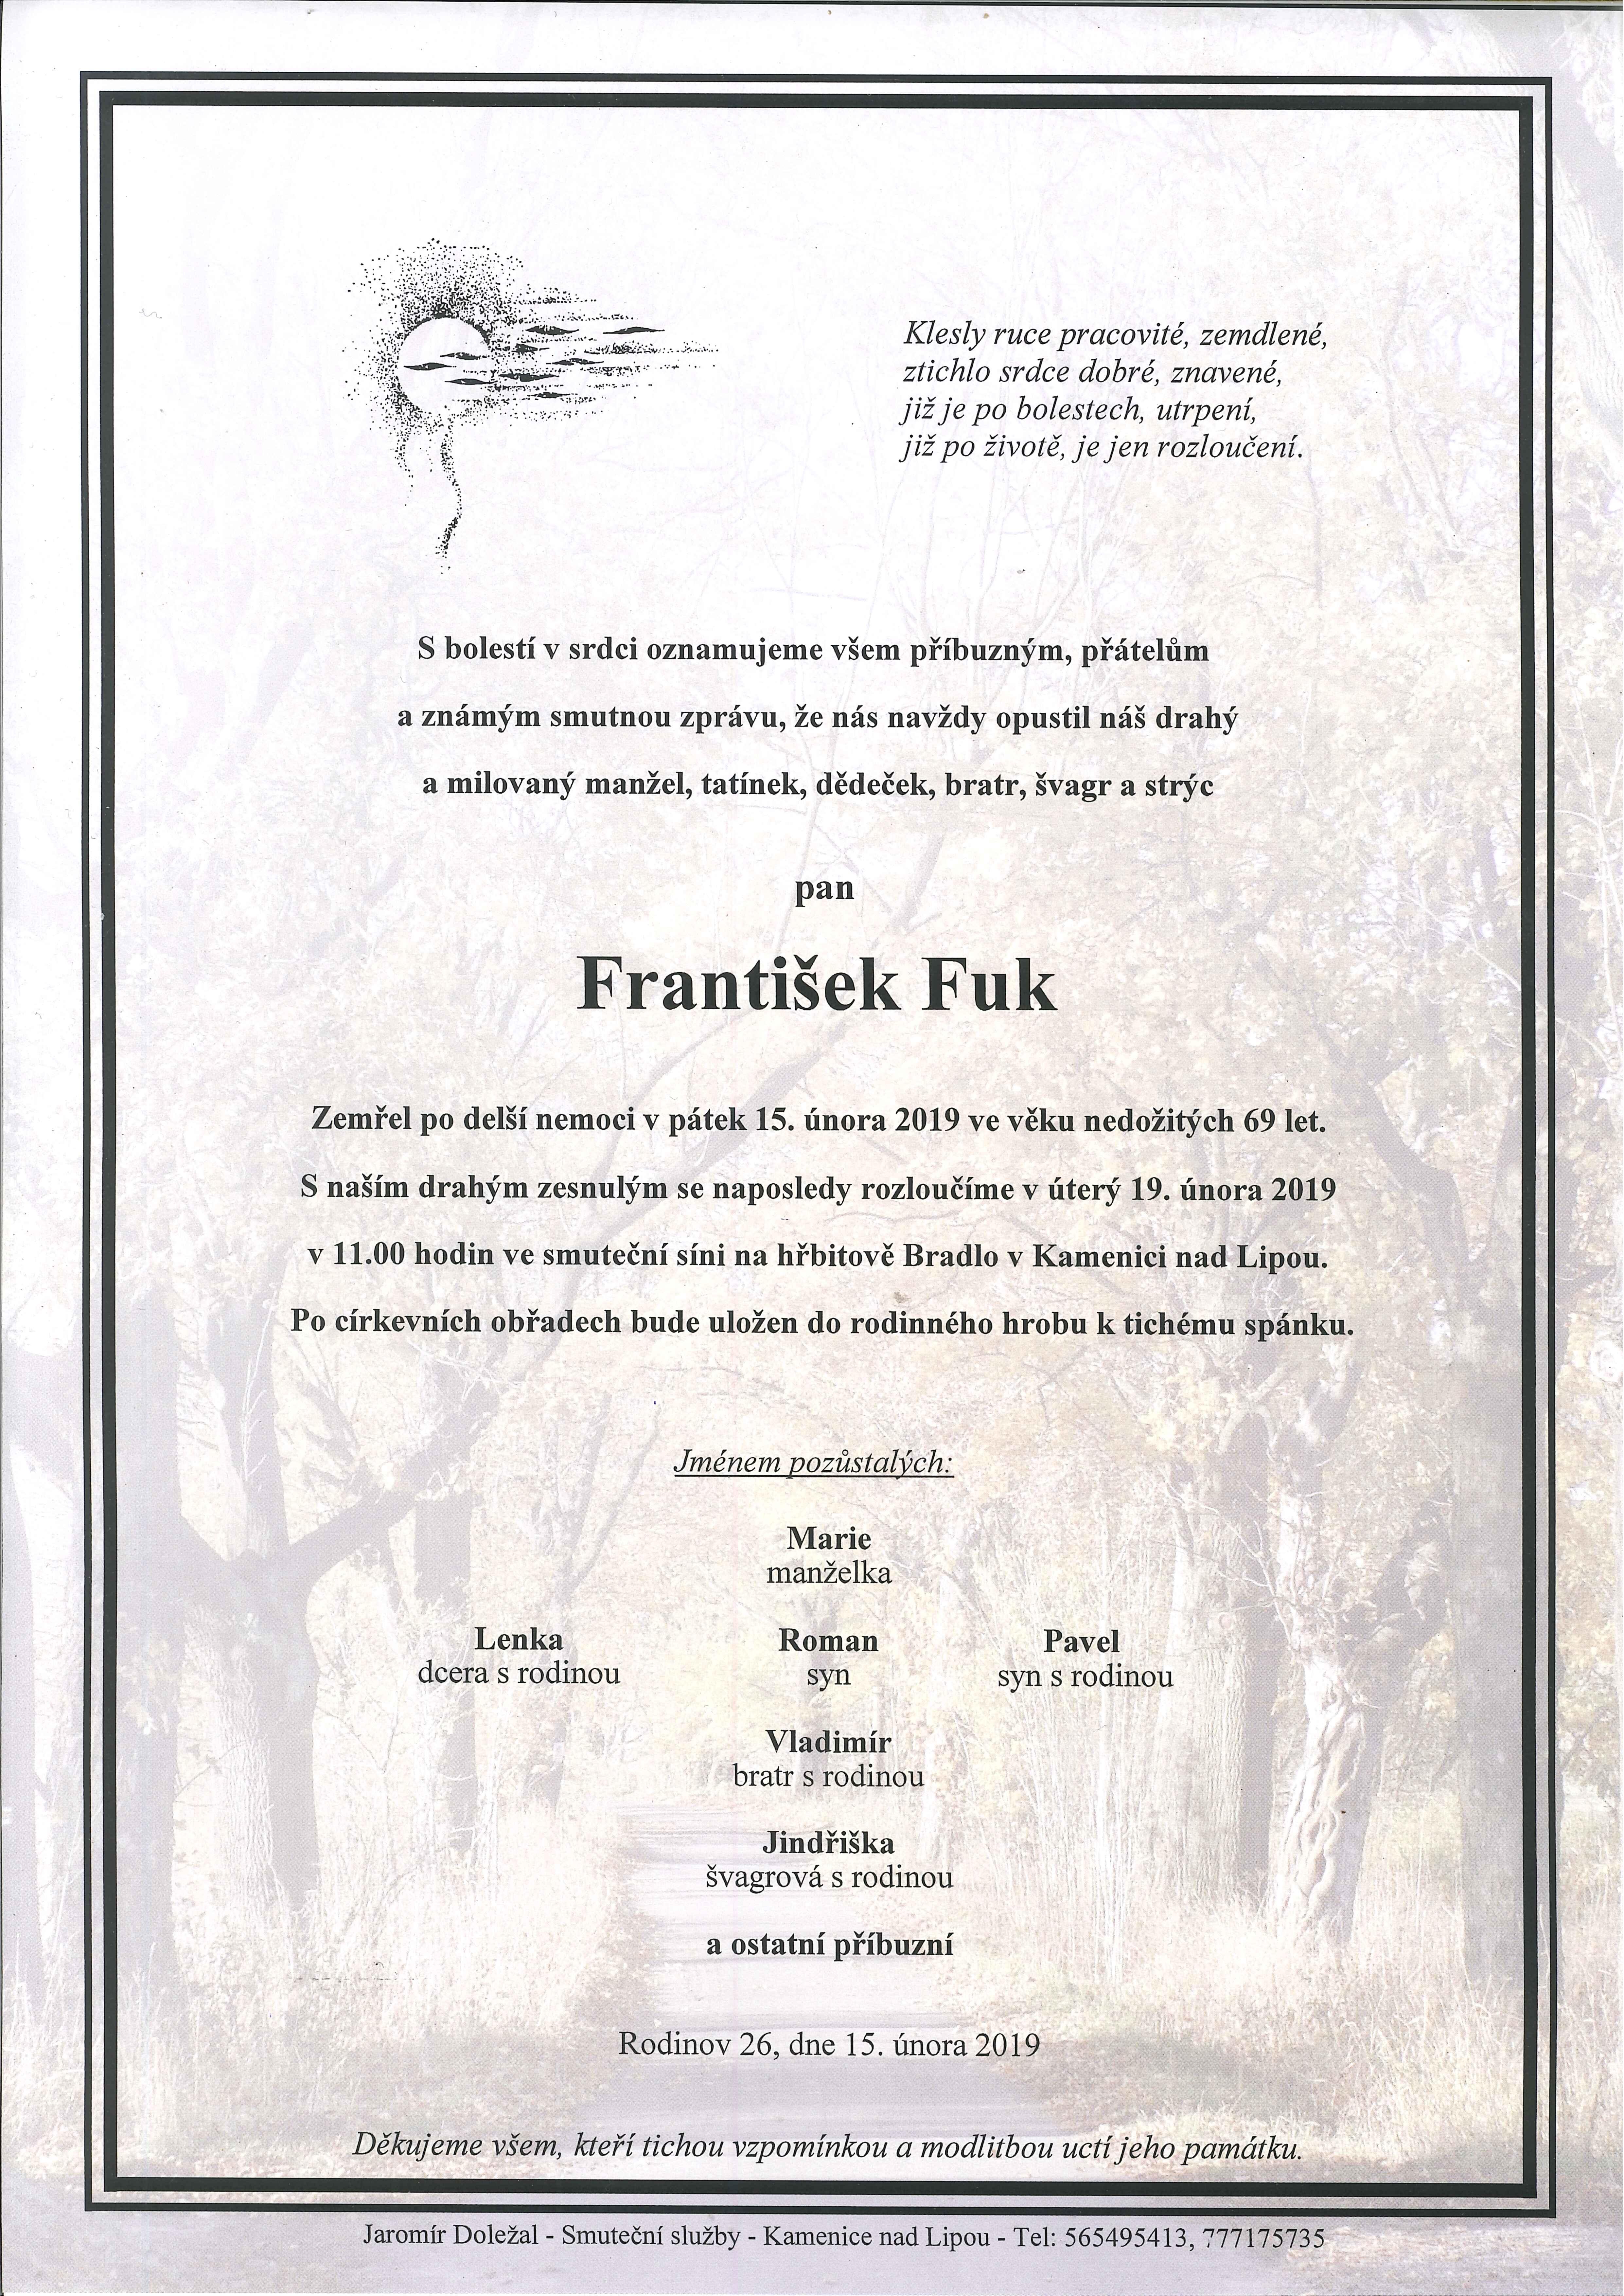 František Fuk